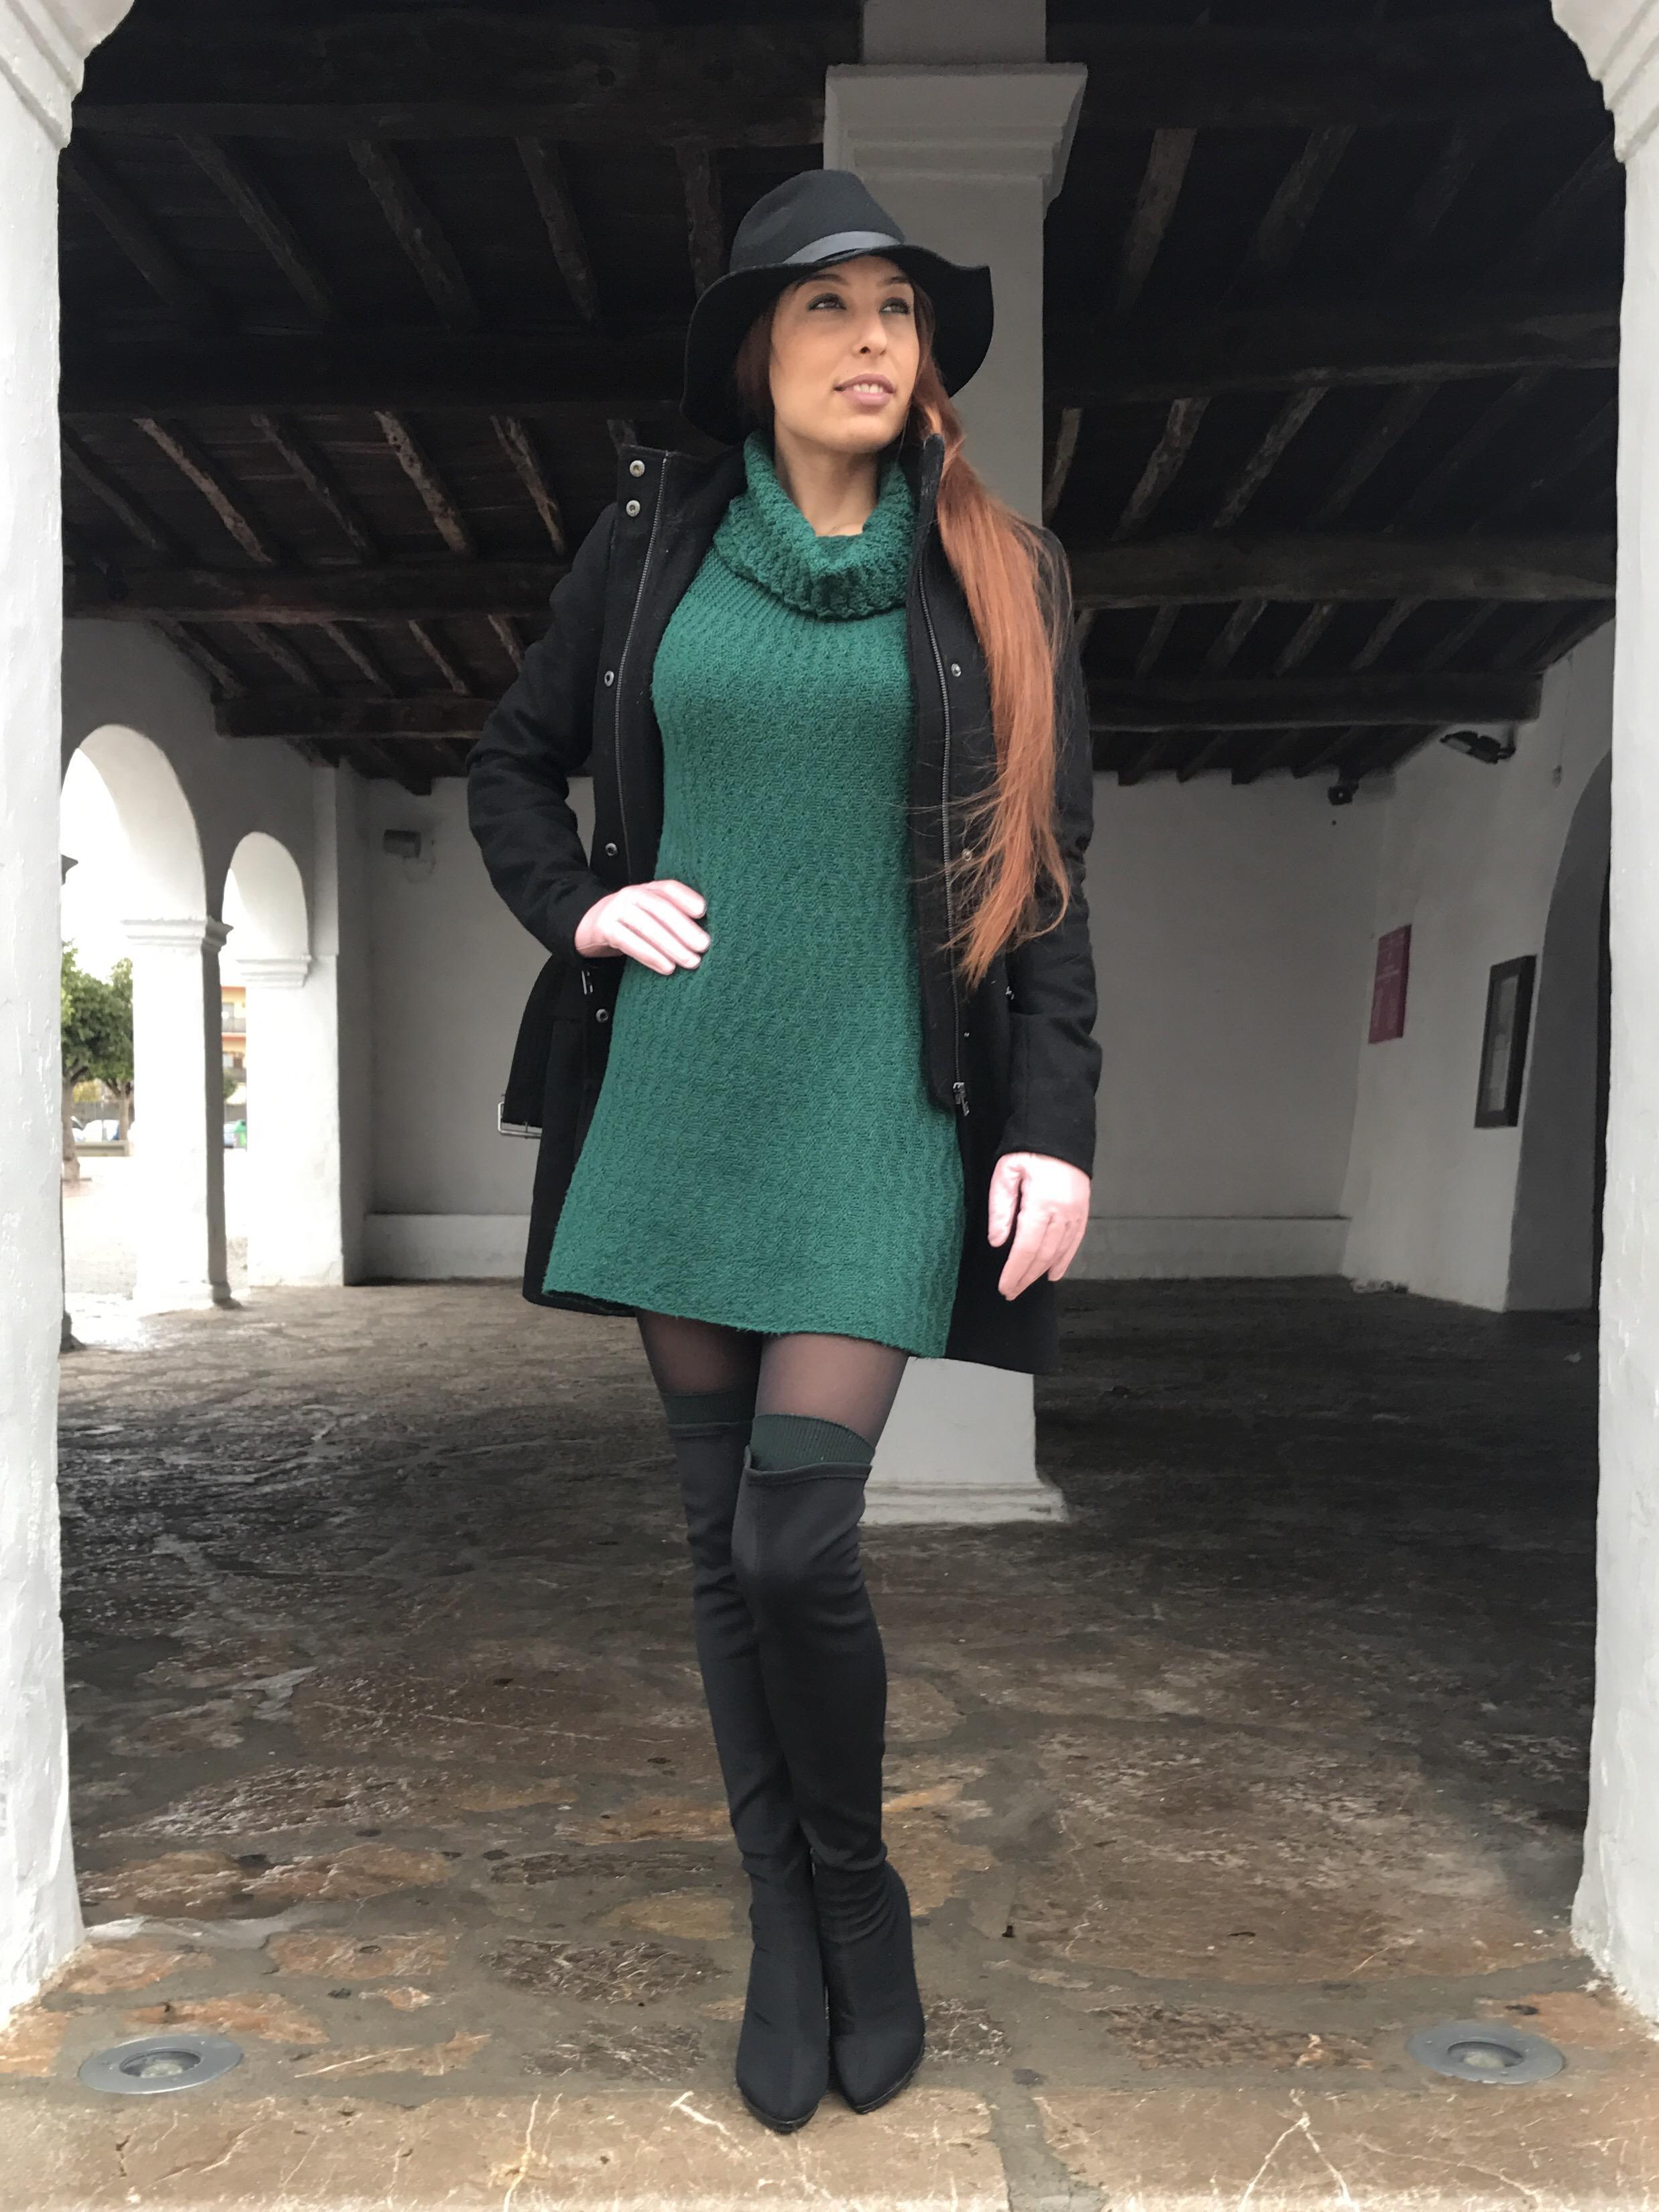 Look para el fru00edo Vestido de punto y botas altas u2013 Mi cu00f3ctel de moda u2013 Ibiza fashion blogger ...